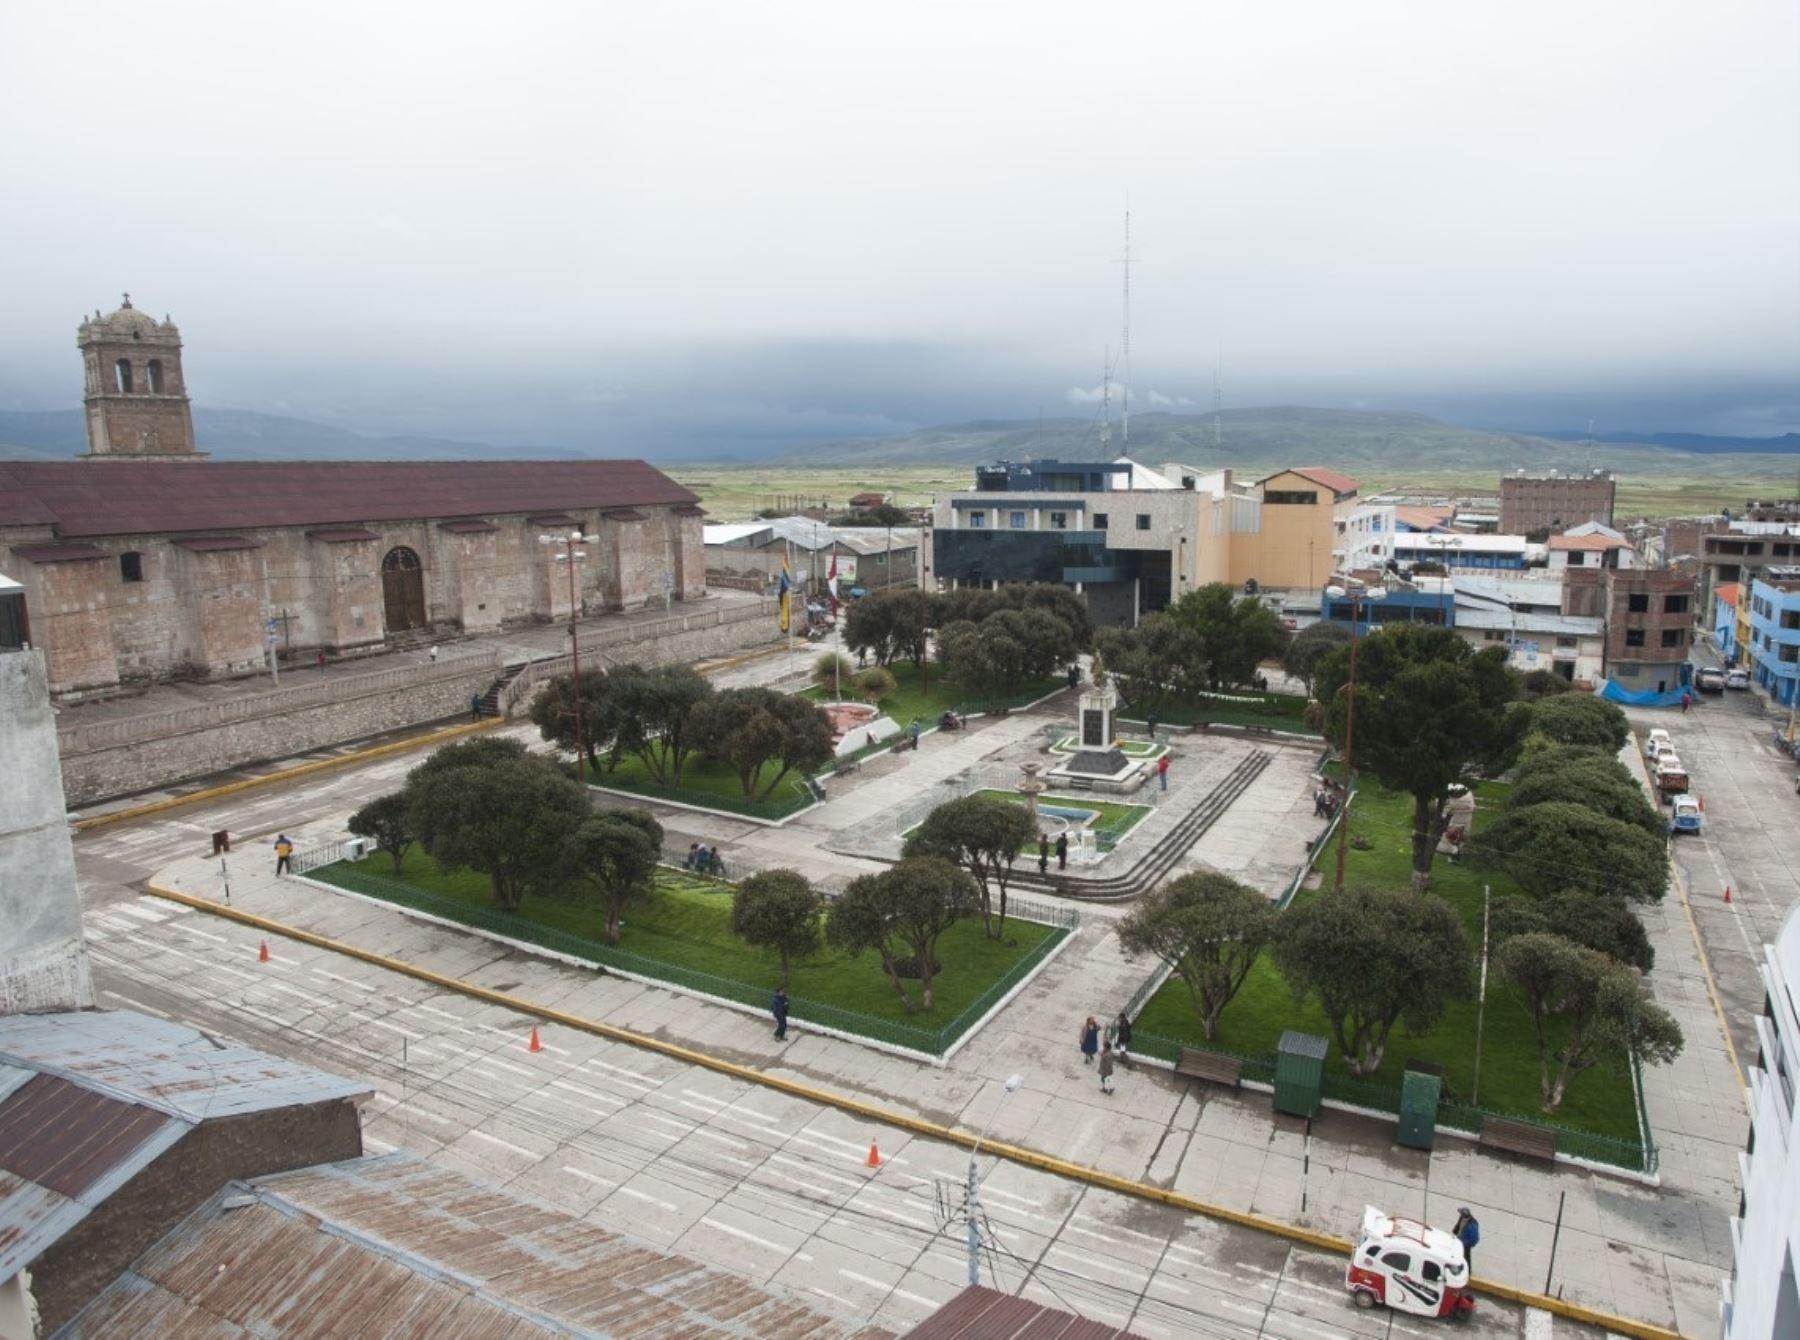 Avanza la elaboración del expediente técnico para la construcción del futuro Sistema integral de agua potable y desagüe para la ciudad de Yauri, capital de la provincia cusqueña de Espinar.